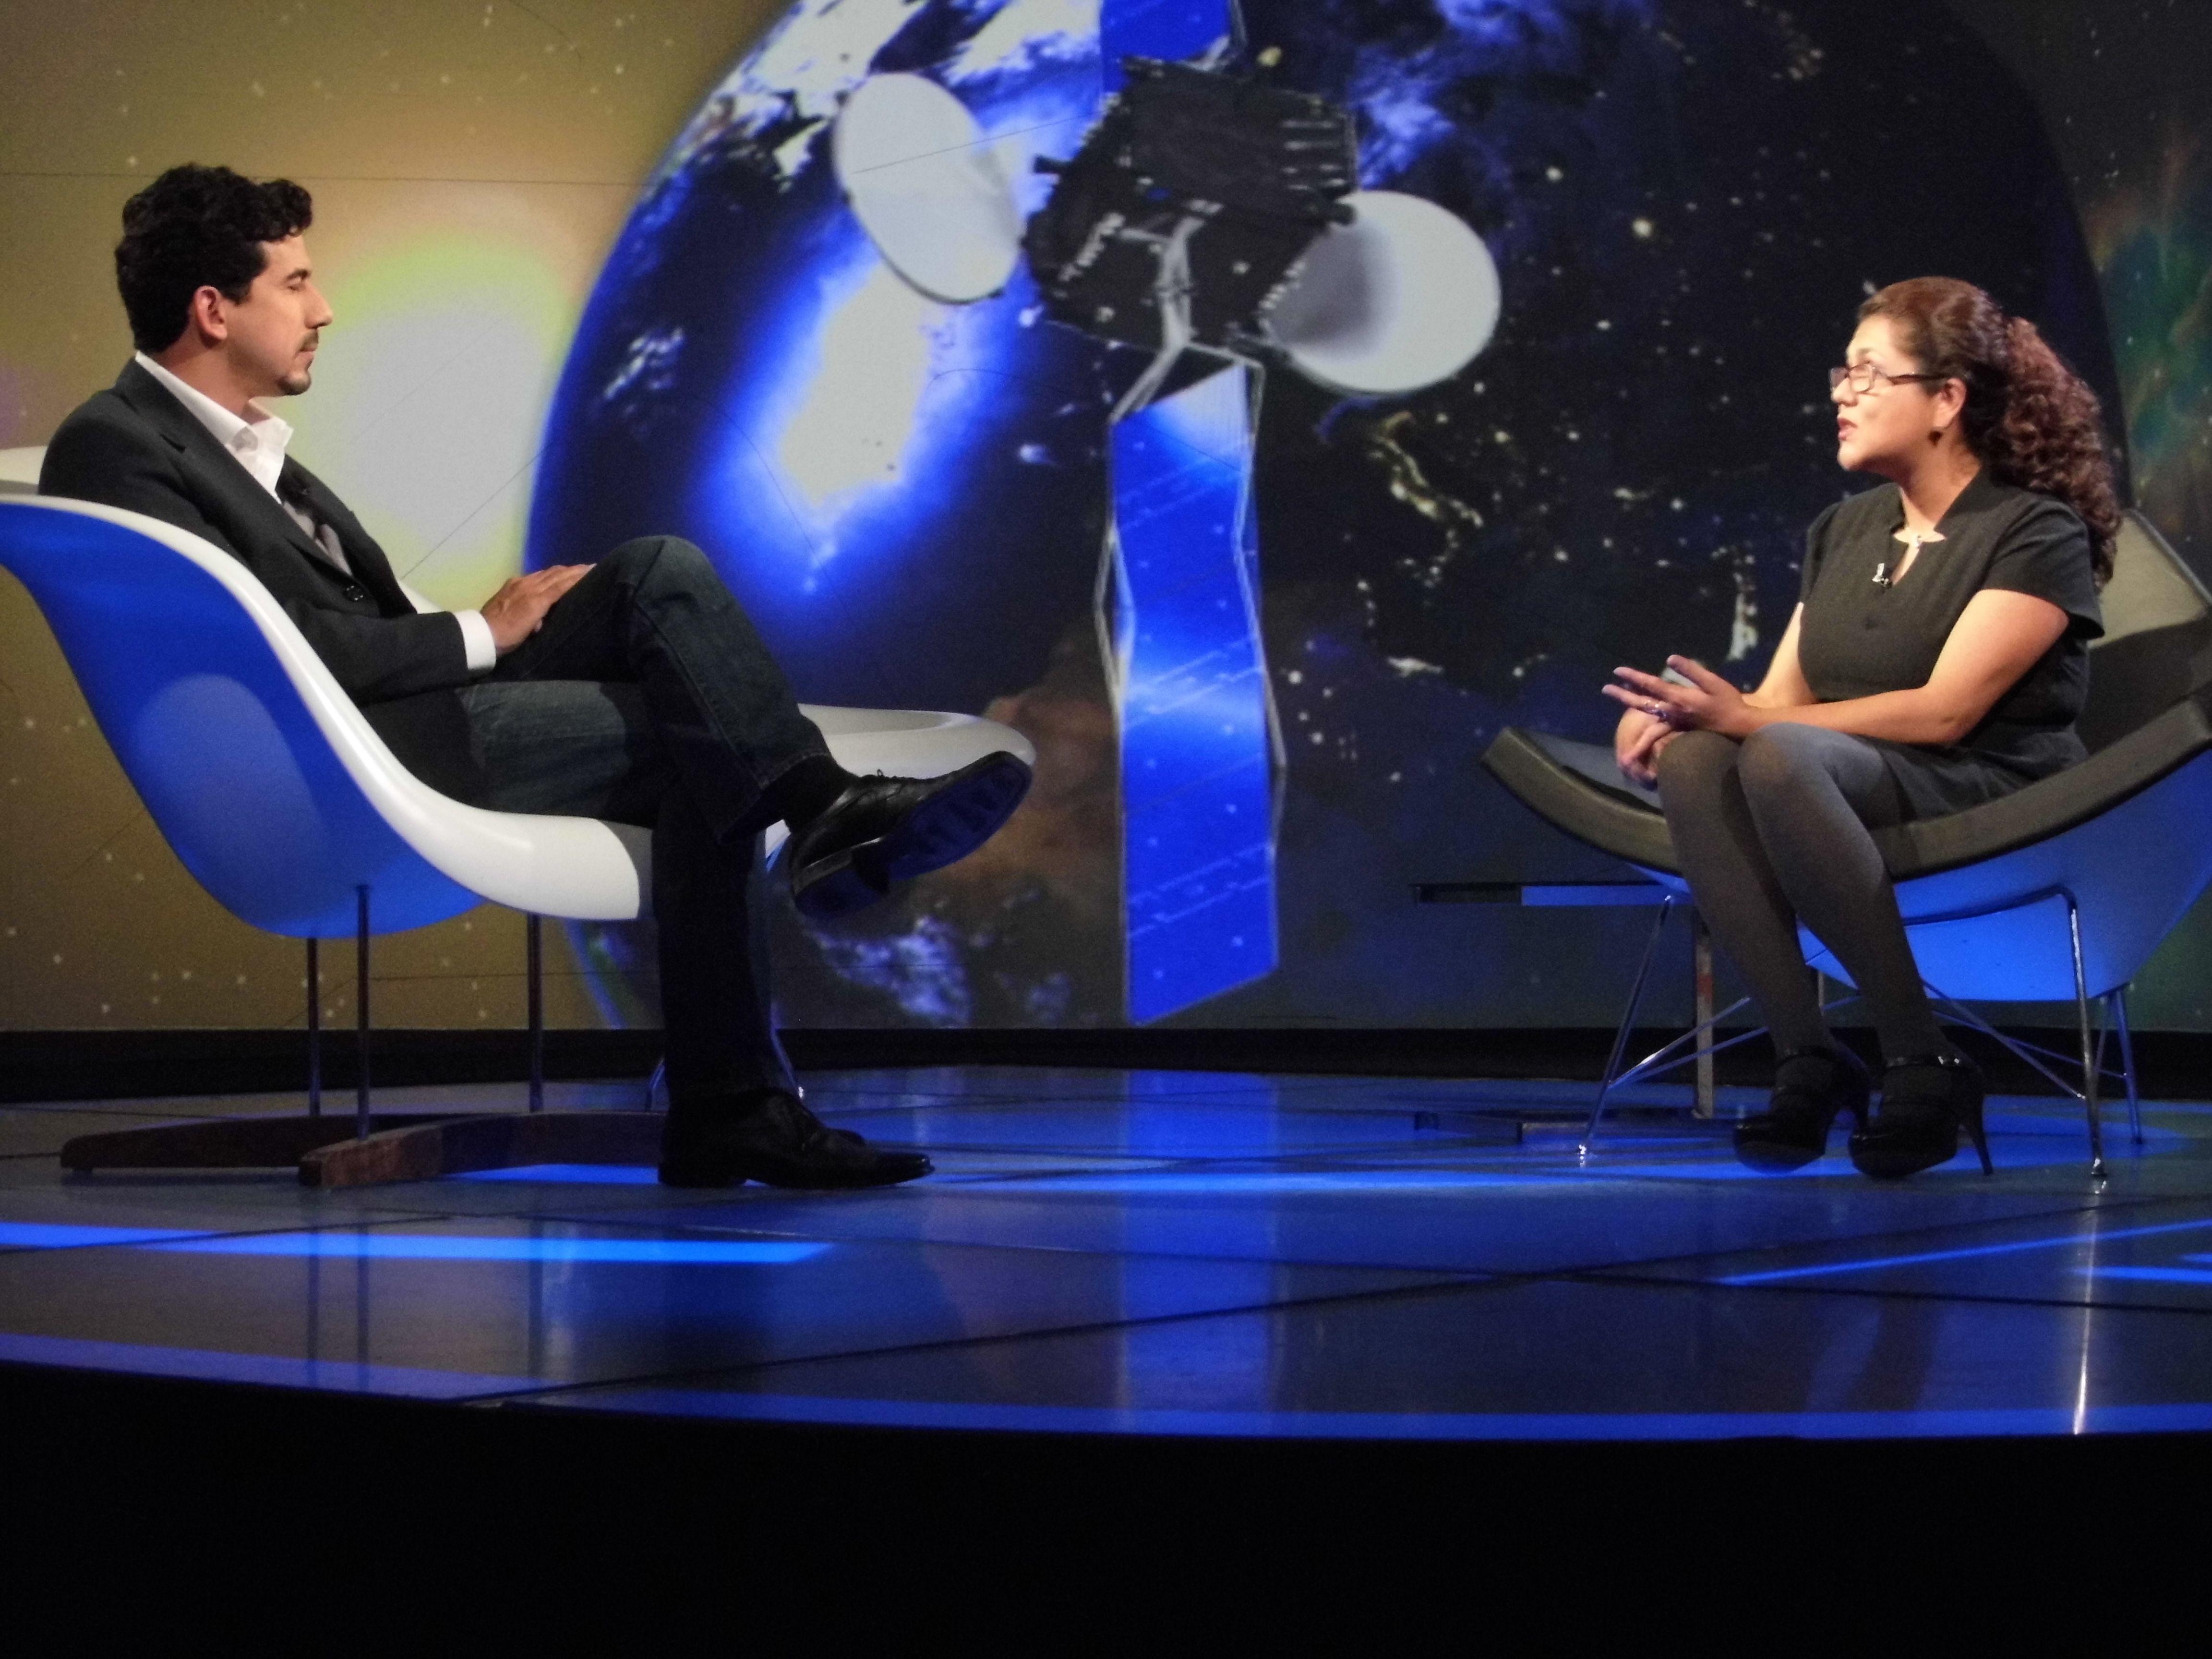 La Dra. Antígona Segura, Investigadora del Instituto de Ciencias Nucleares de la UNAM, cuyo trabajo consiste en generar estrategias científicas para conocer qué compuestos generan vida, y que puedan desarrollarse en otros planetas.